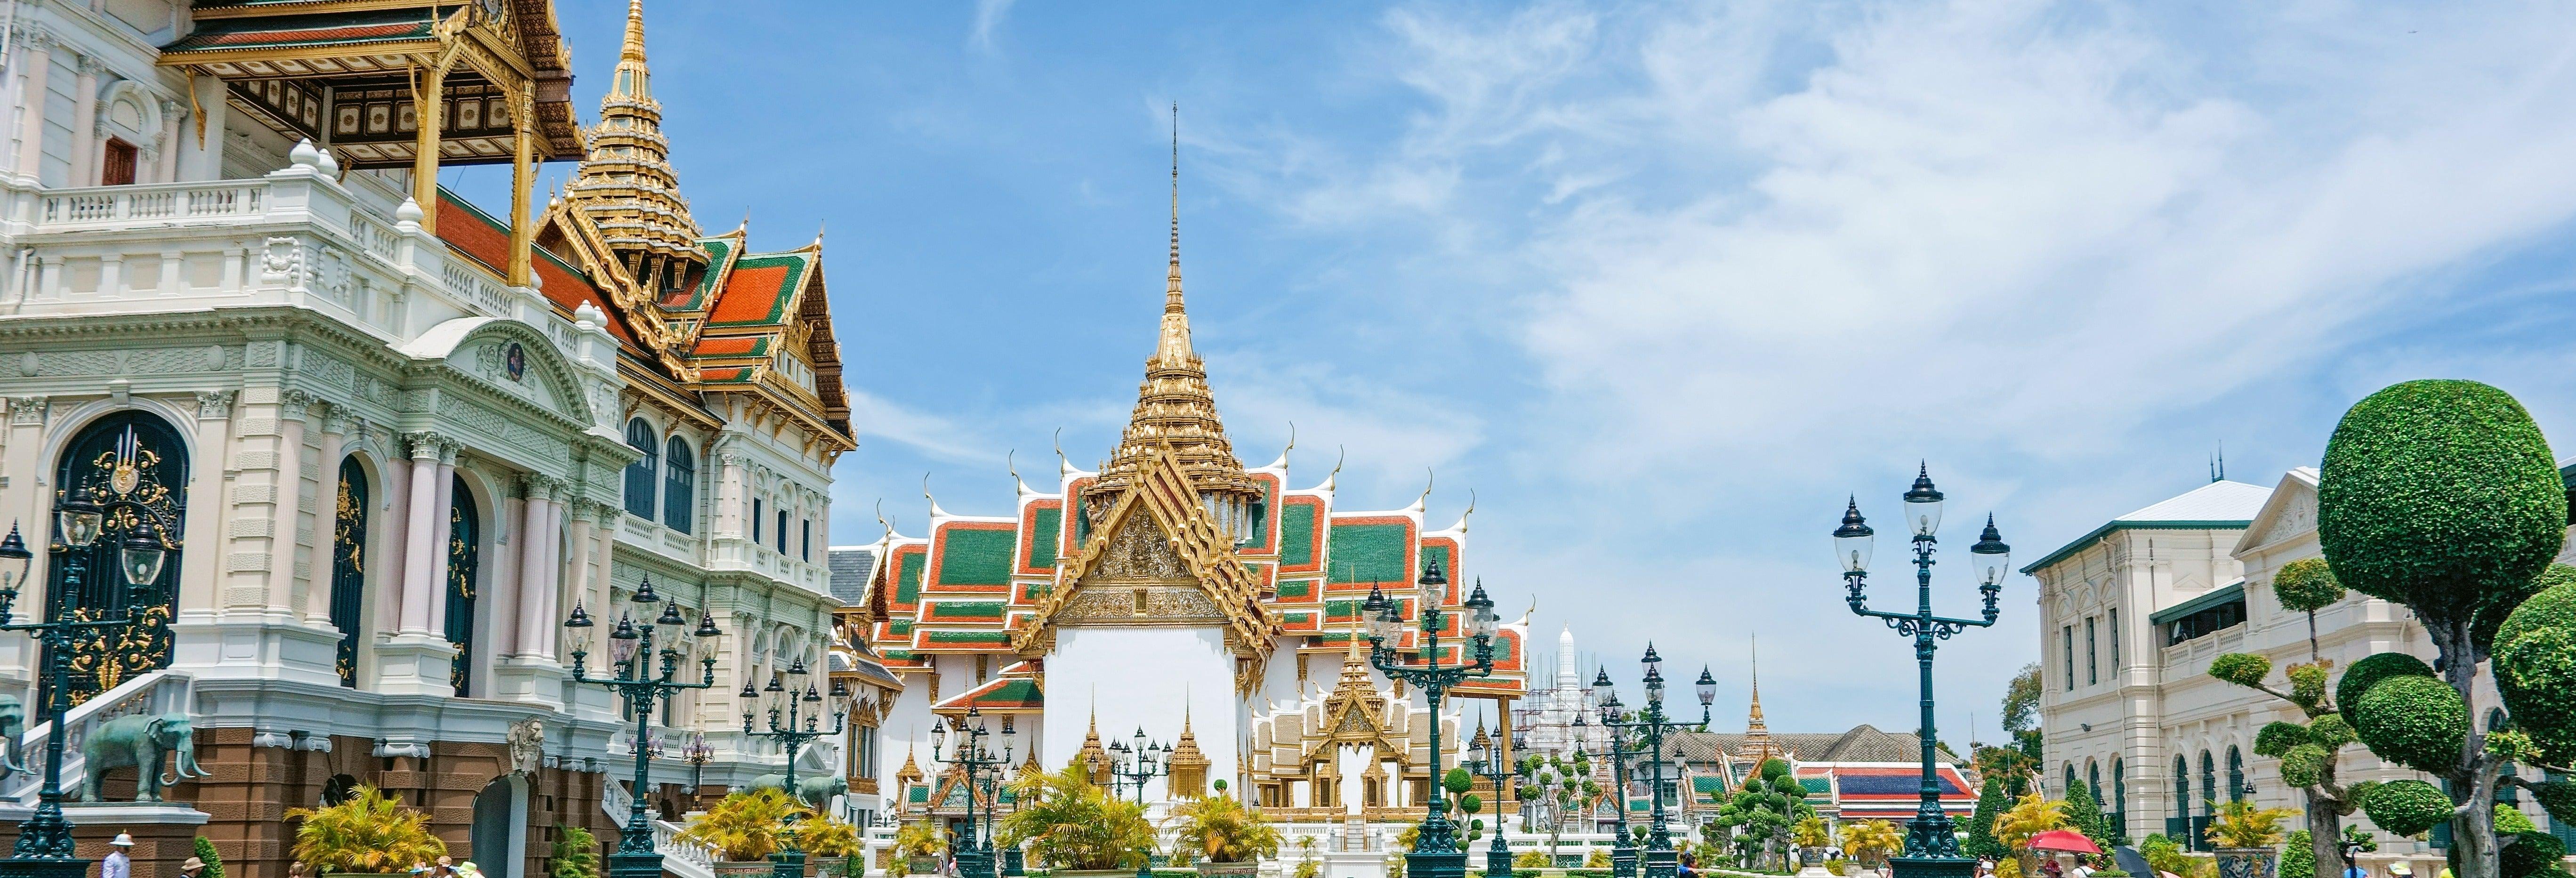 Tour pelo Grande Palácio de Bangkok